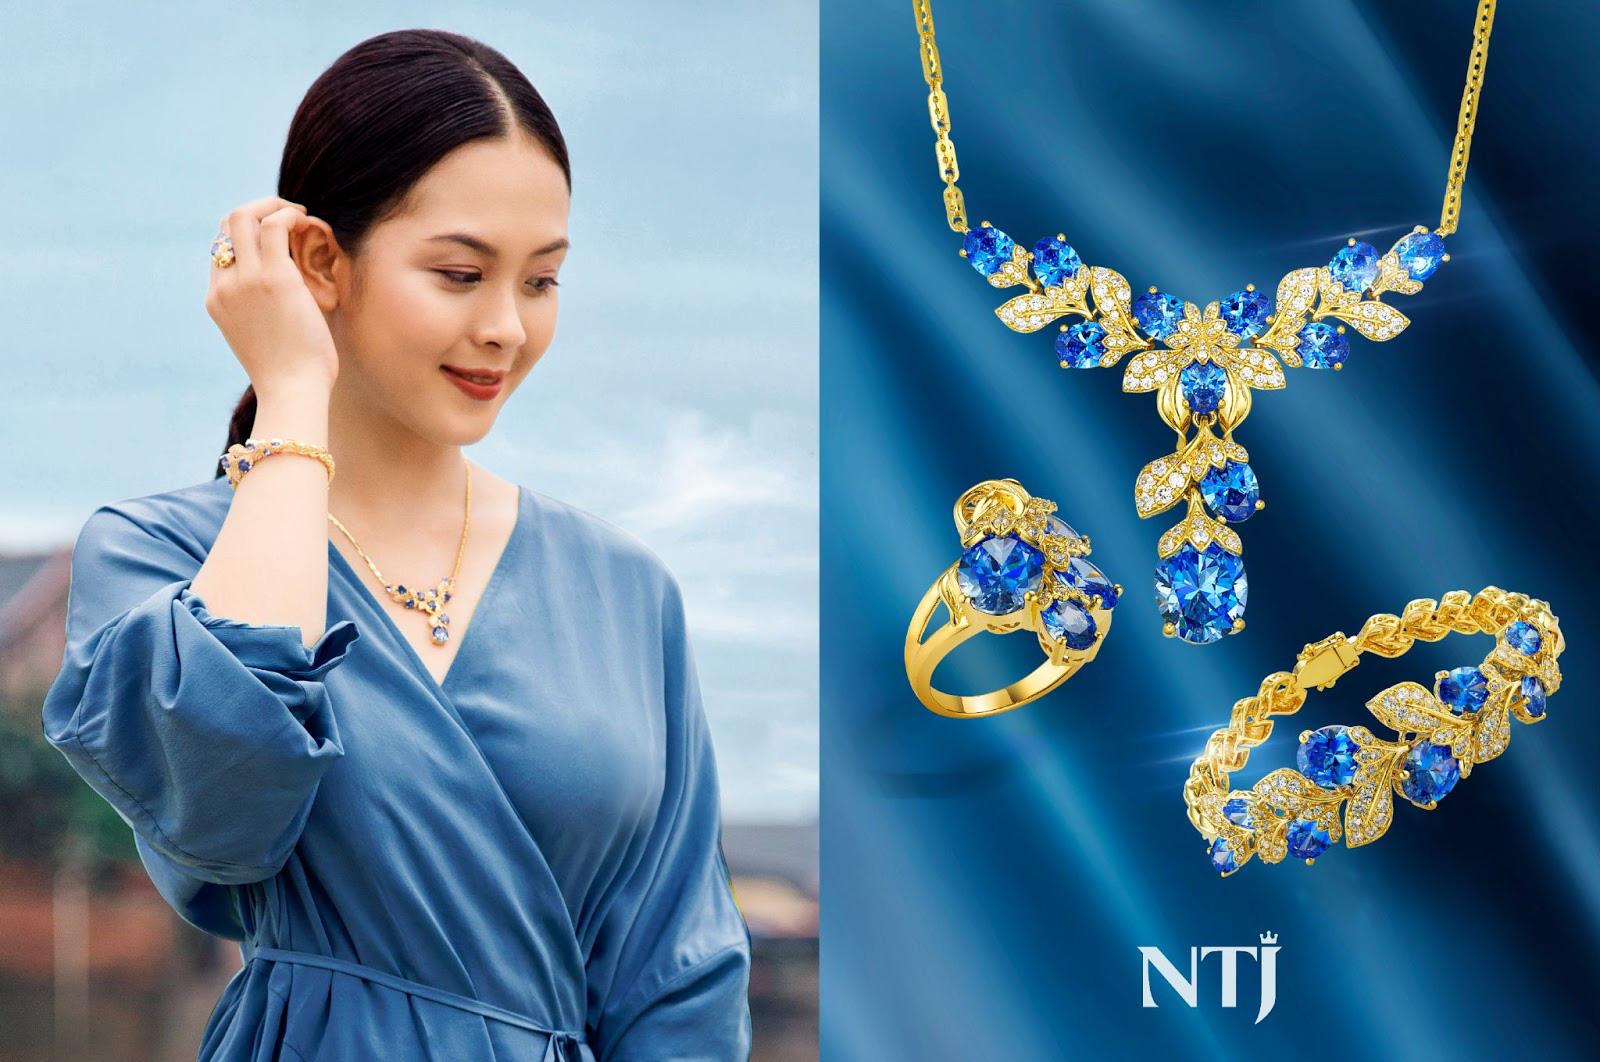 Ngọc Thẩm Jewelry trình làng phim thời trang đậm dấu ấn miền Tây Nam Bộ - Ảnh 3.